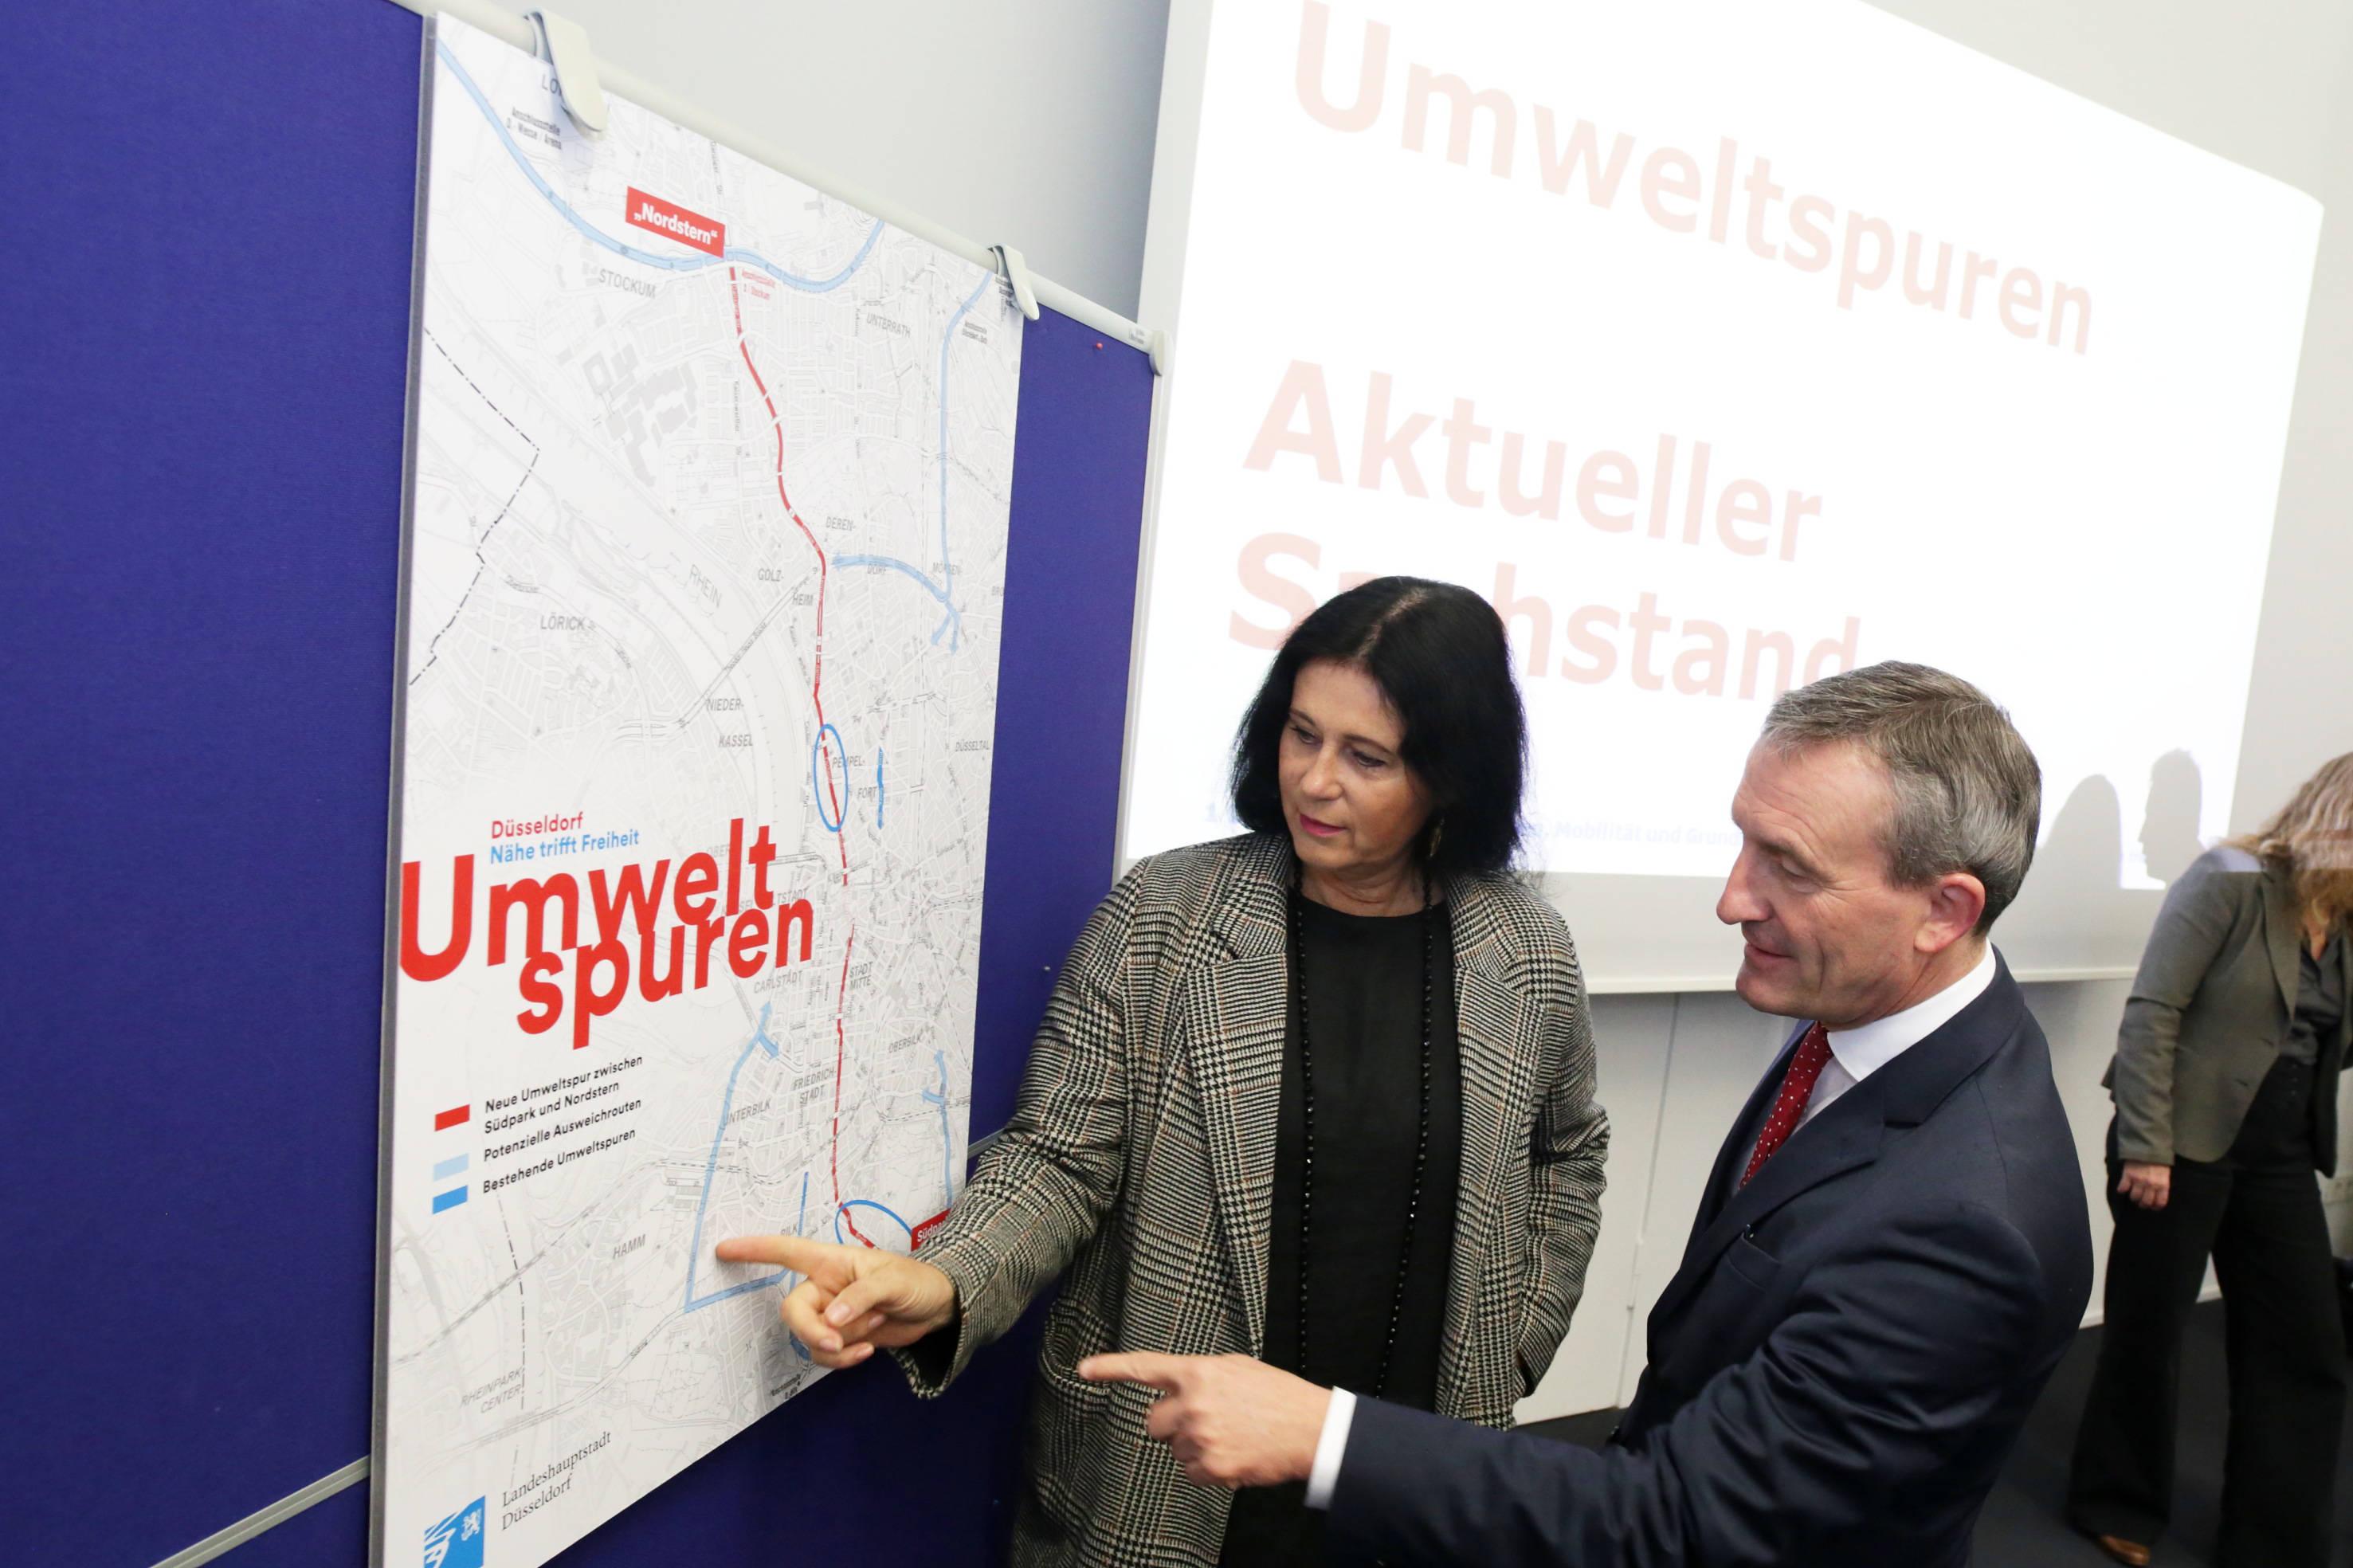 Verkehrsdezernentin Cornelia Zuschke zeigt den Verlauf der dritten Umweltspur. (Foto: Stadt Düsseldorf)